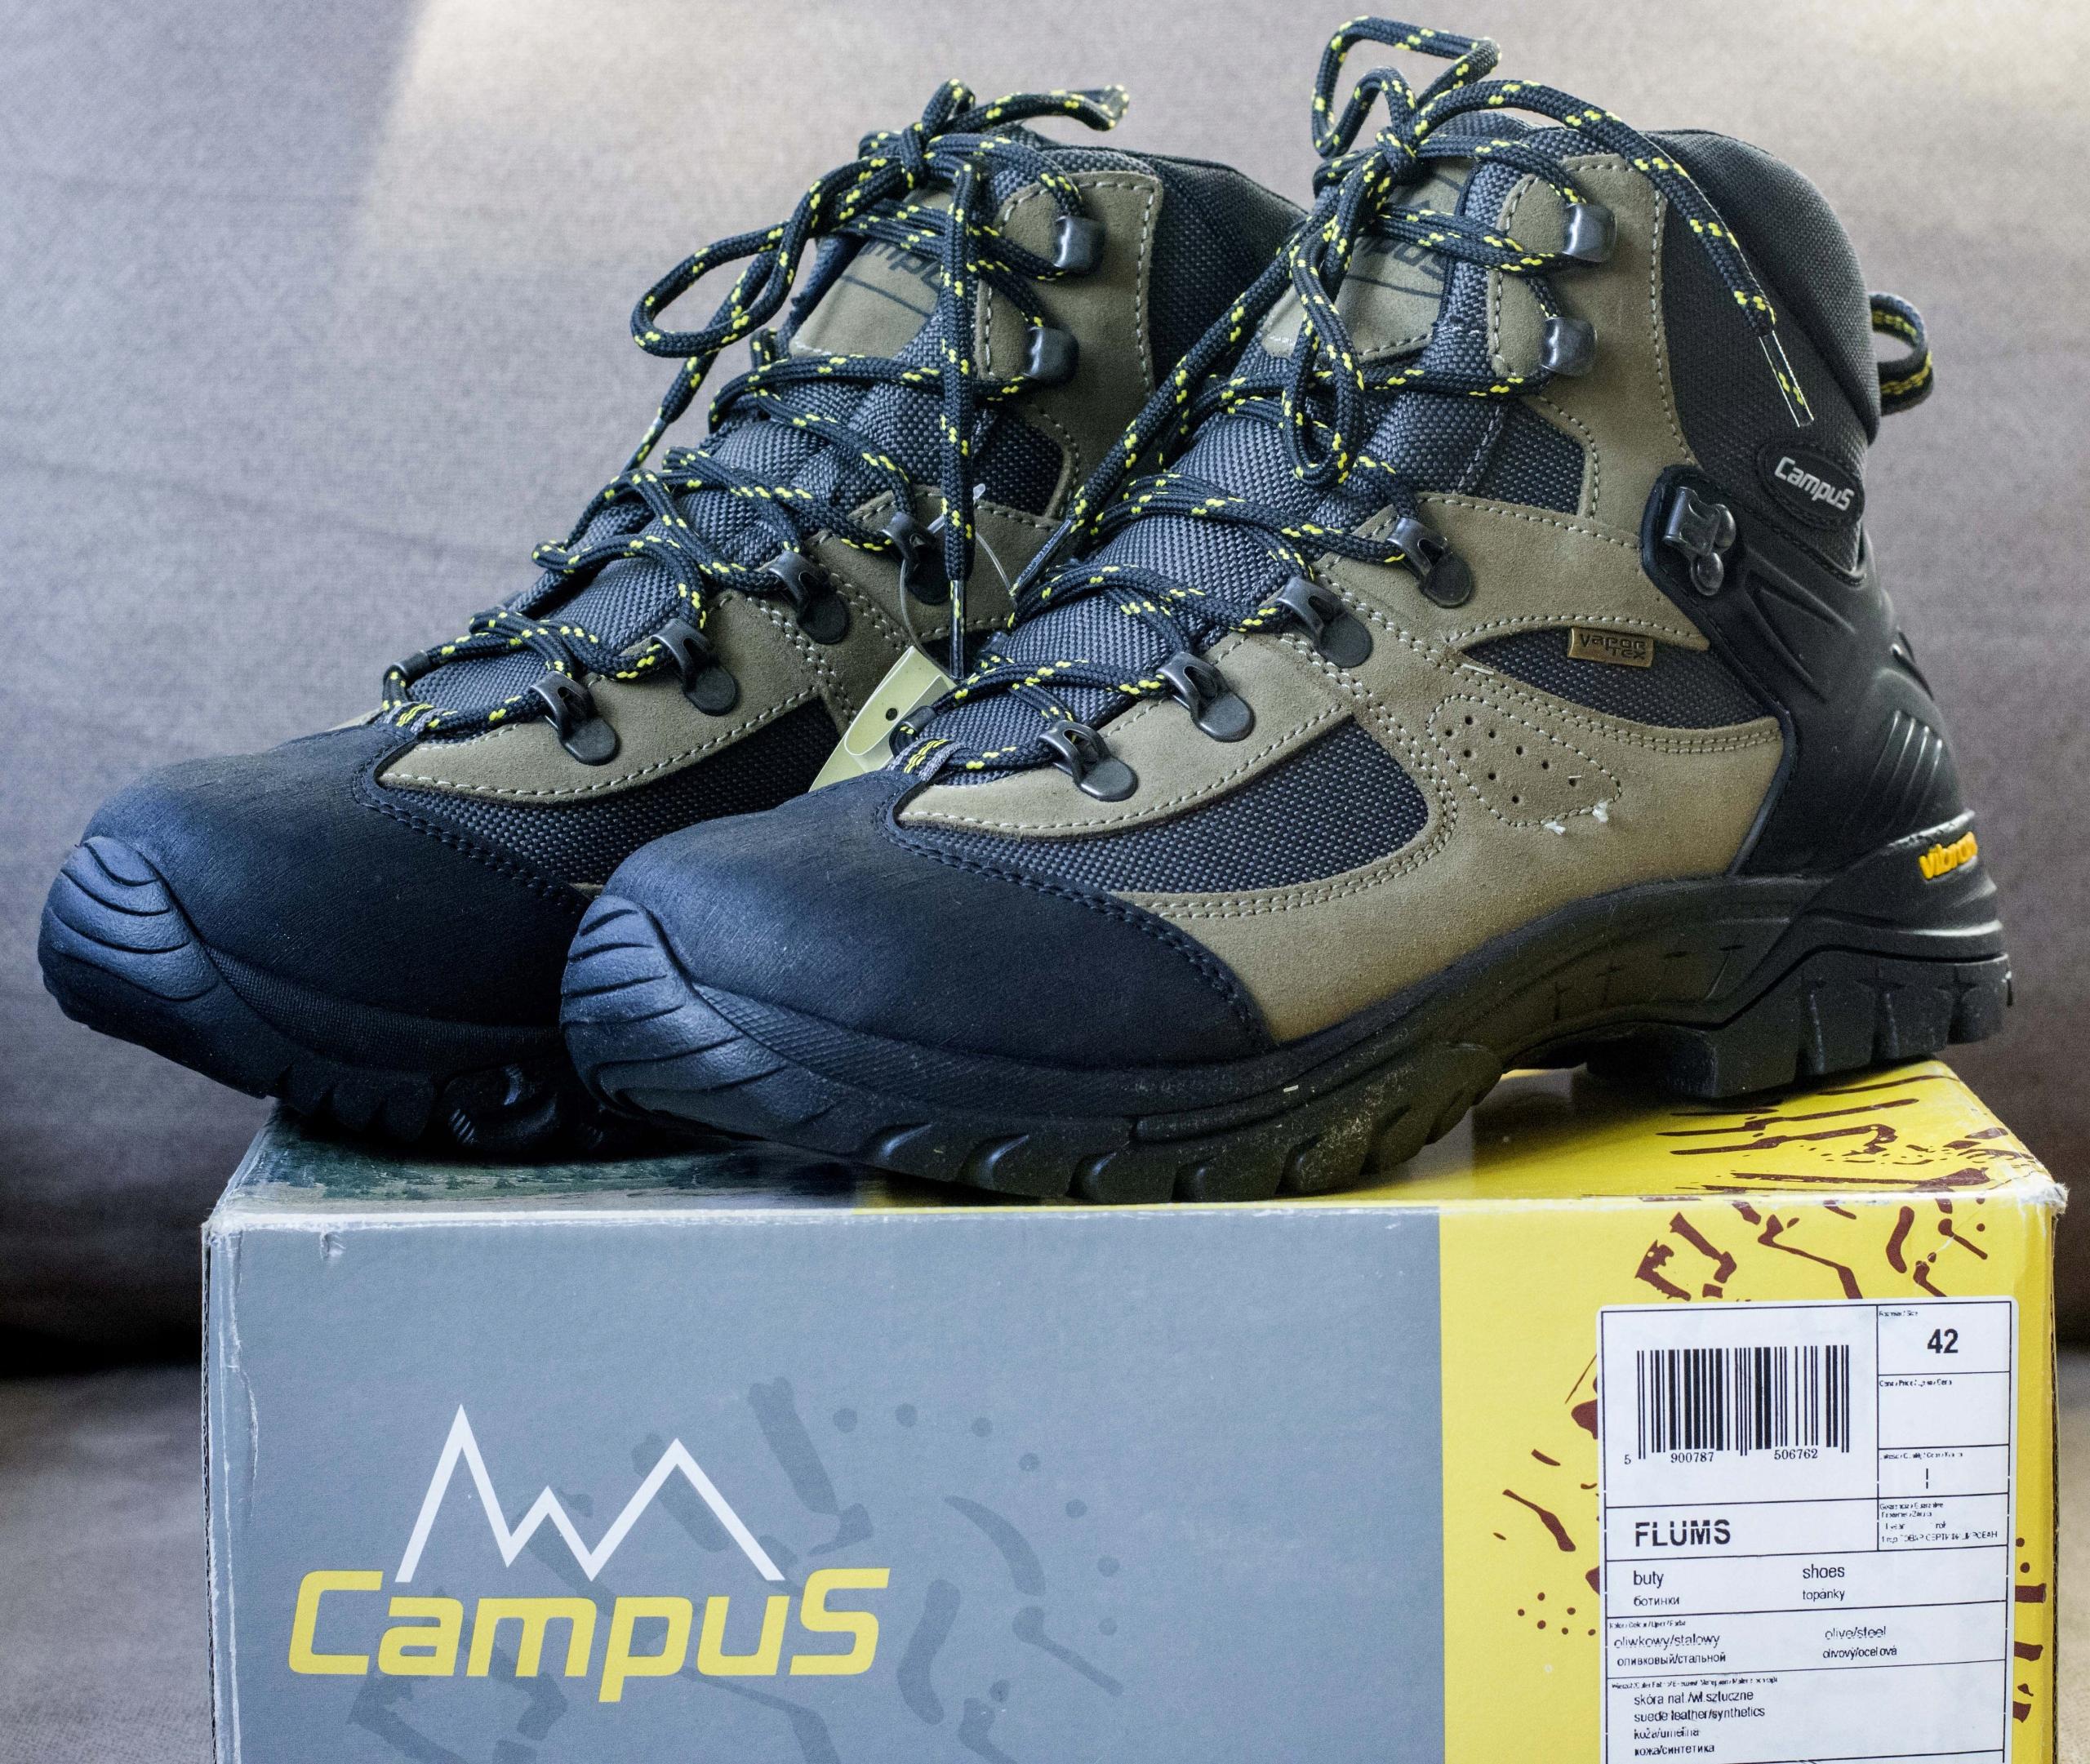 afbc2884804925 Buty trekkingowe męskie wysokie Campus FLUMS r.42 - 7679755178 ...